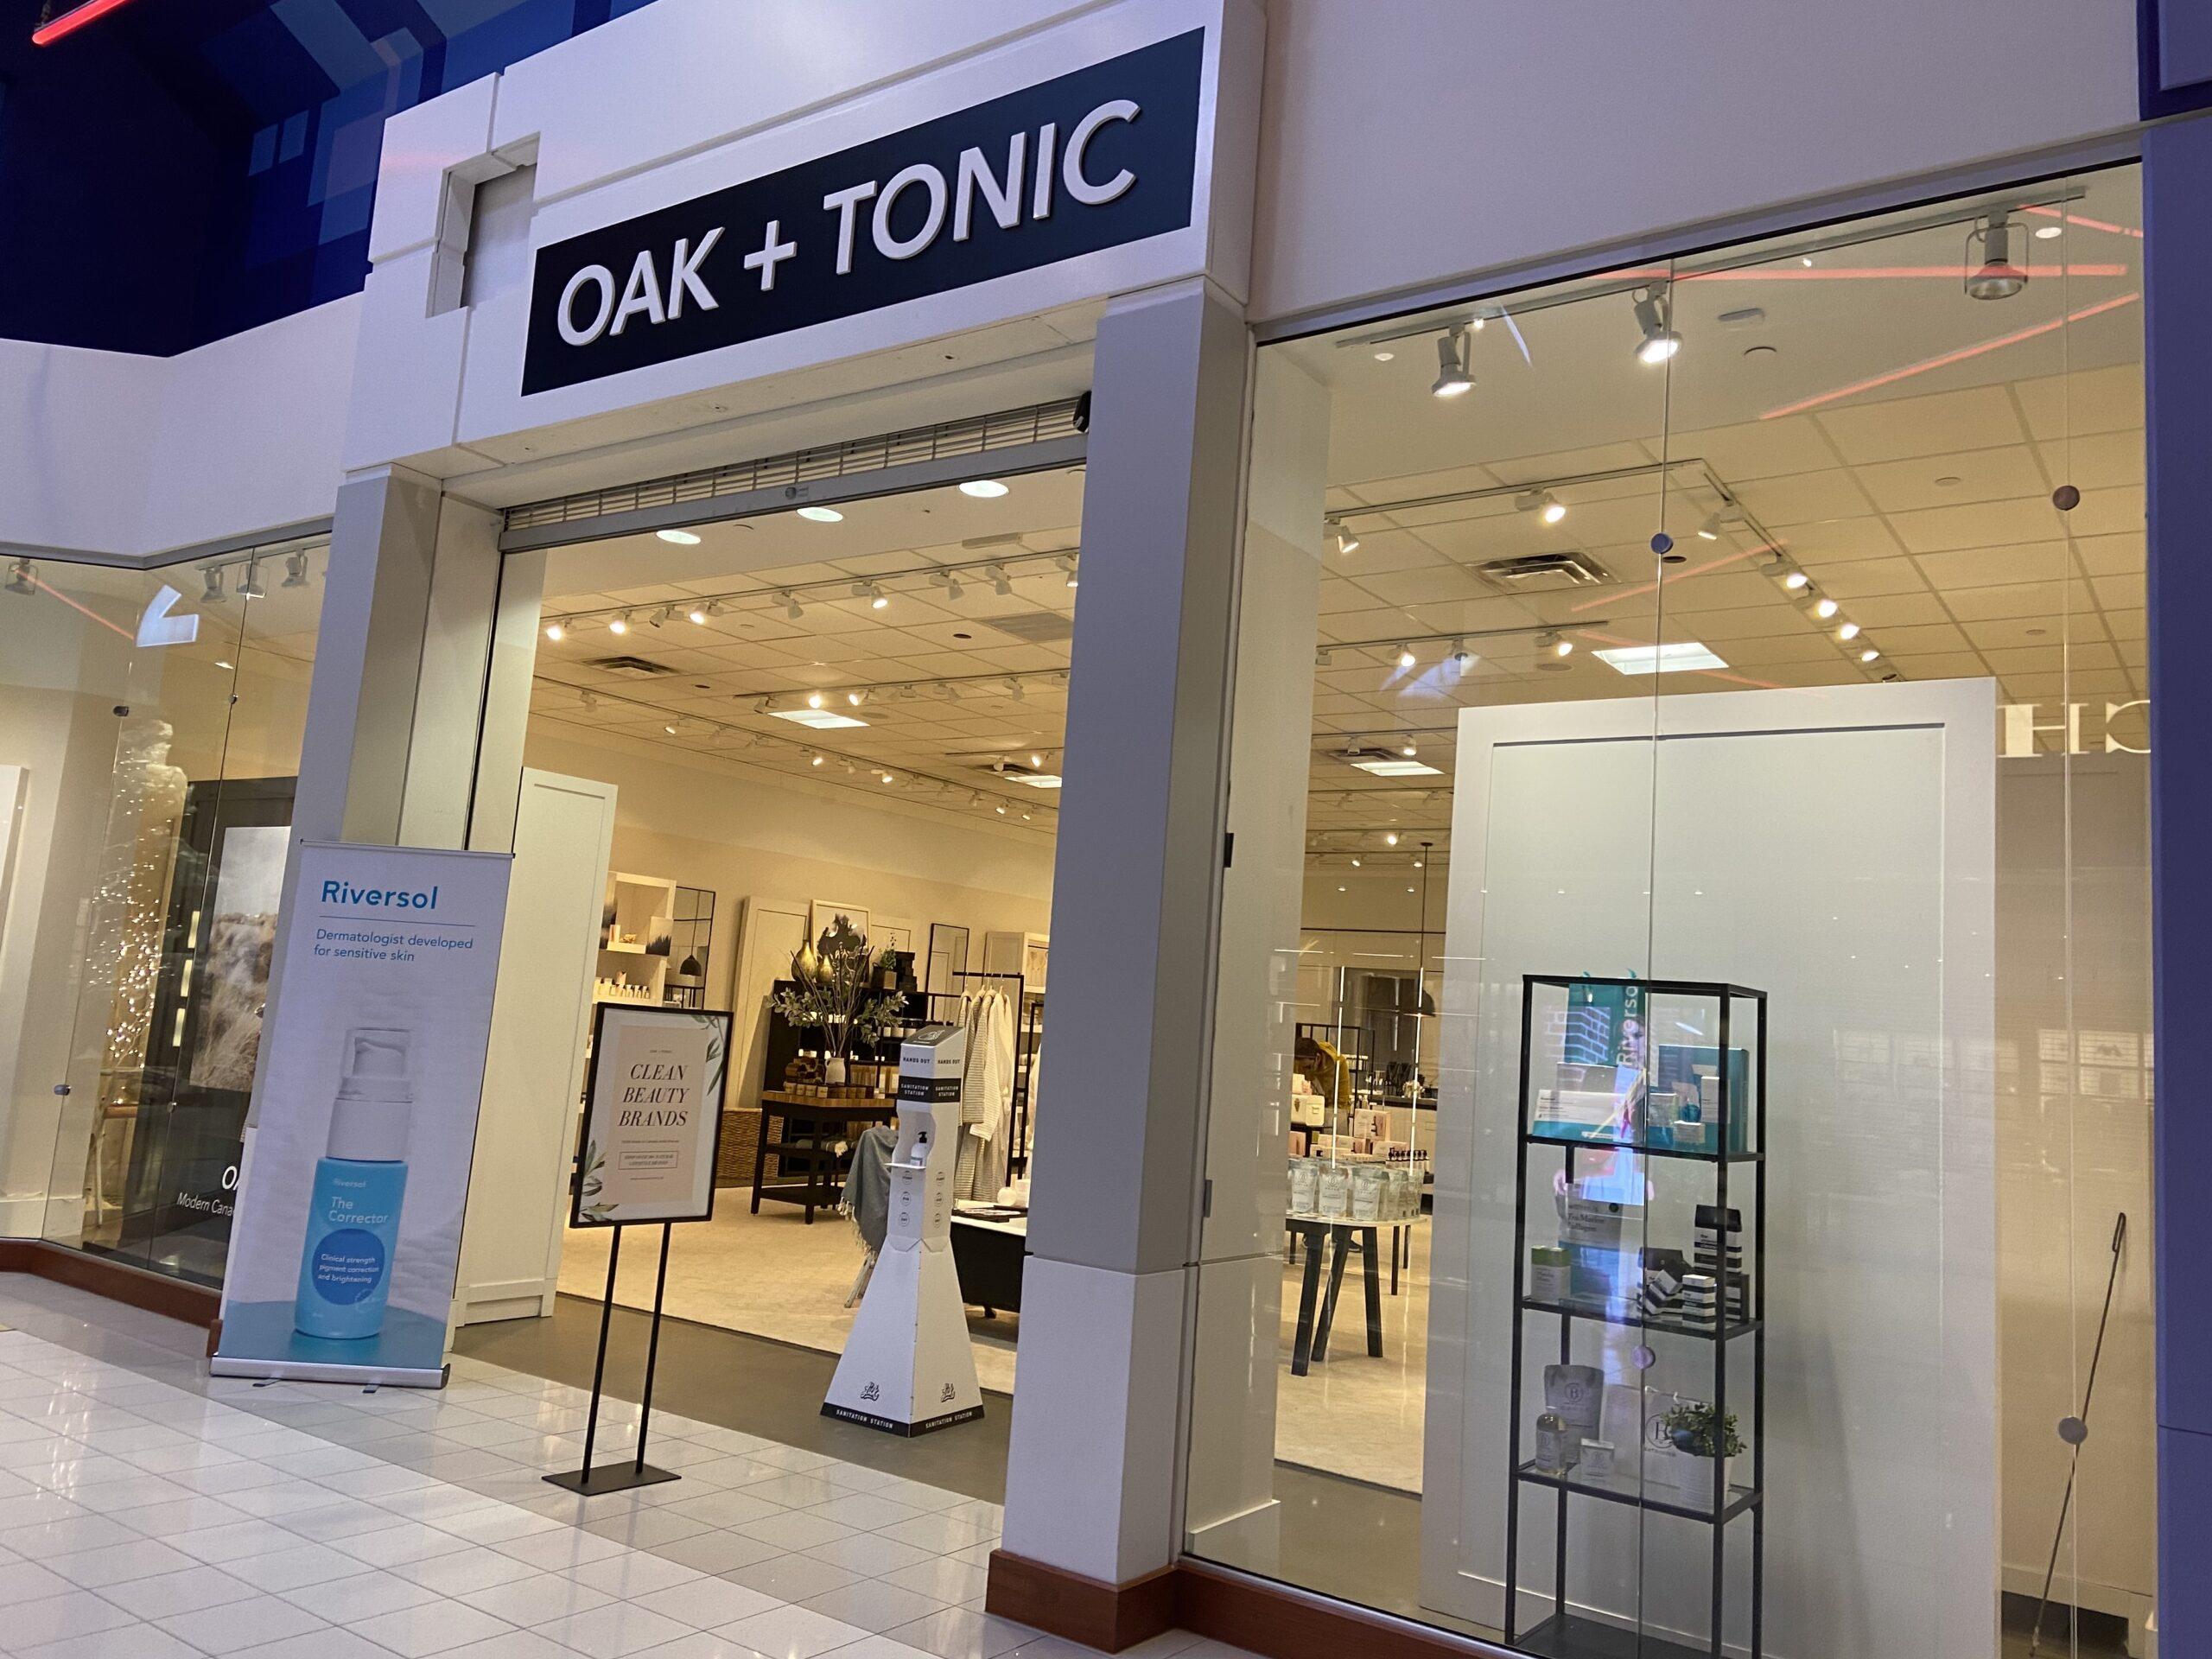 Oak + Tonic at CrossIron Mills